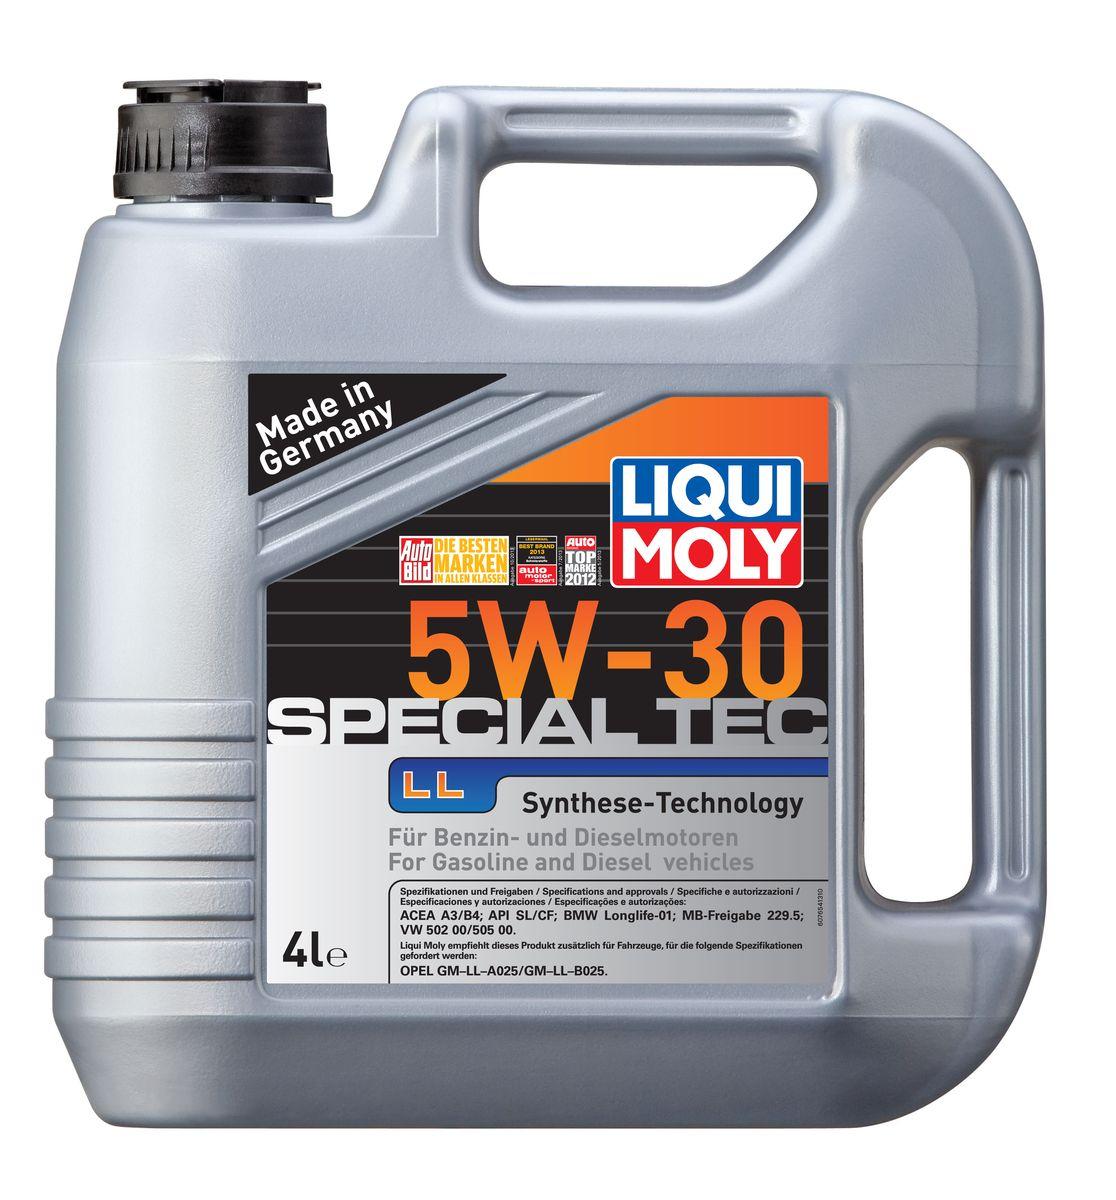 Масло моторное Liqui Moly Special Tec LL, НС-синтетическое, 5W-30, 4 л нс синтетическое моторное масло liqui moly optimal ht synth 5w 30 a3 b4 1л 39000